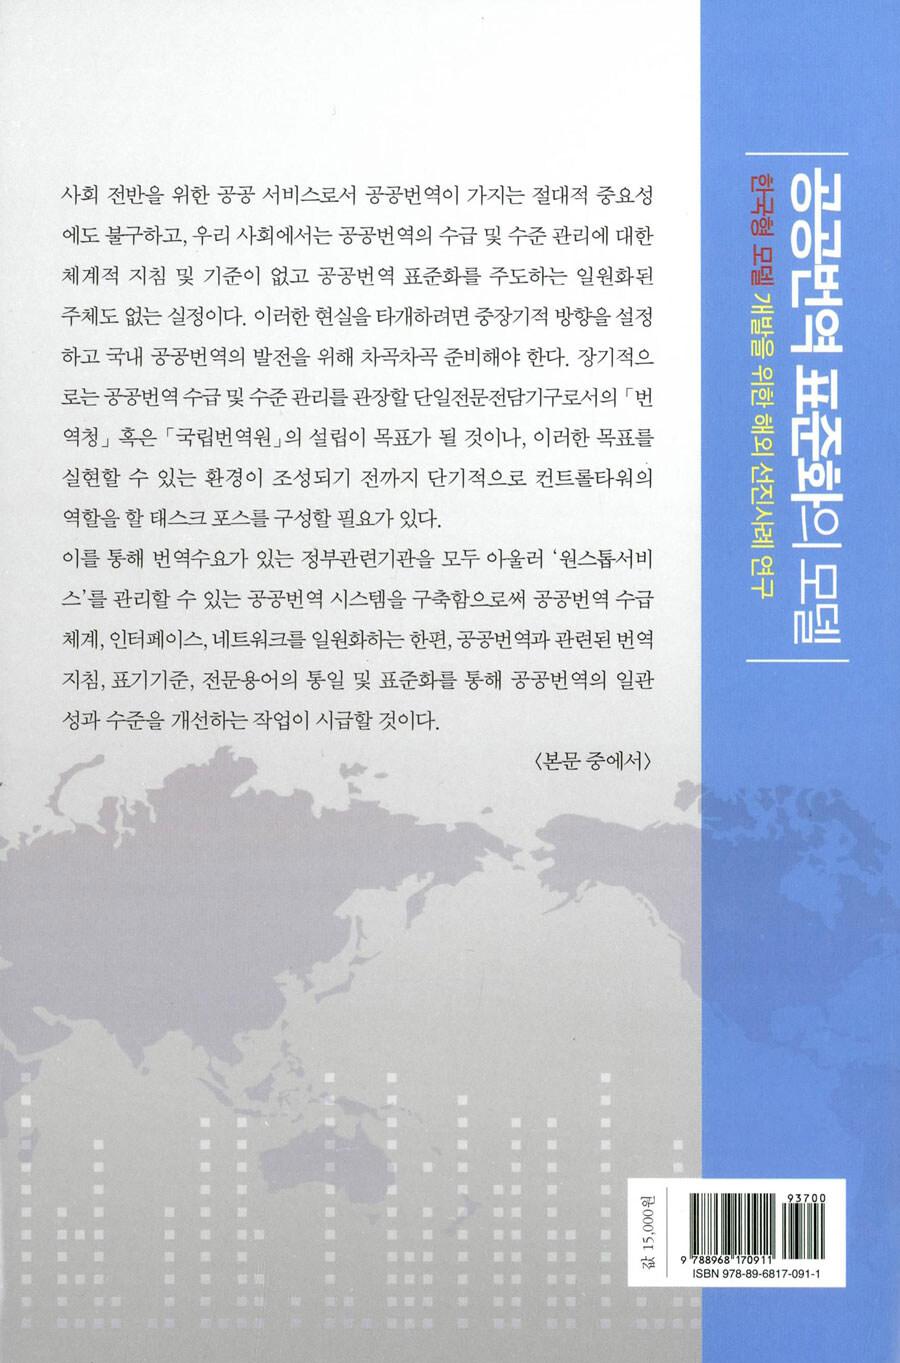 공공번역 표준화의 모델 : 한국형 모델 개발을 위한 해외 선진사례 연구